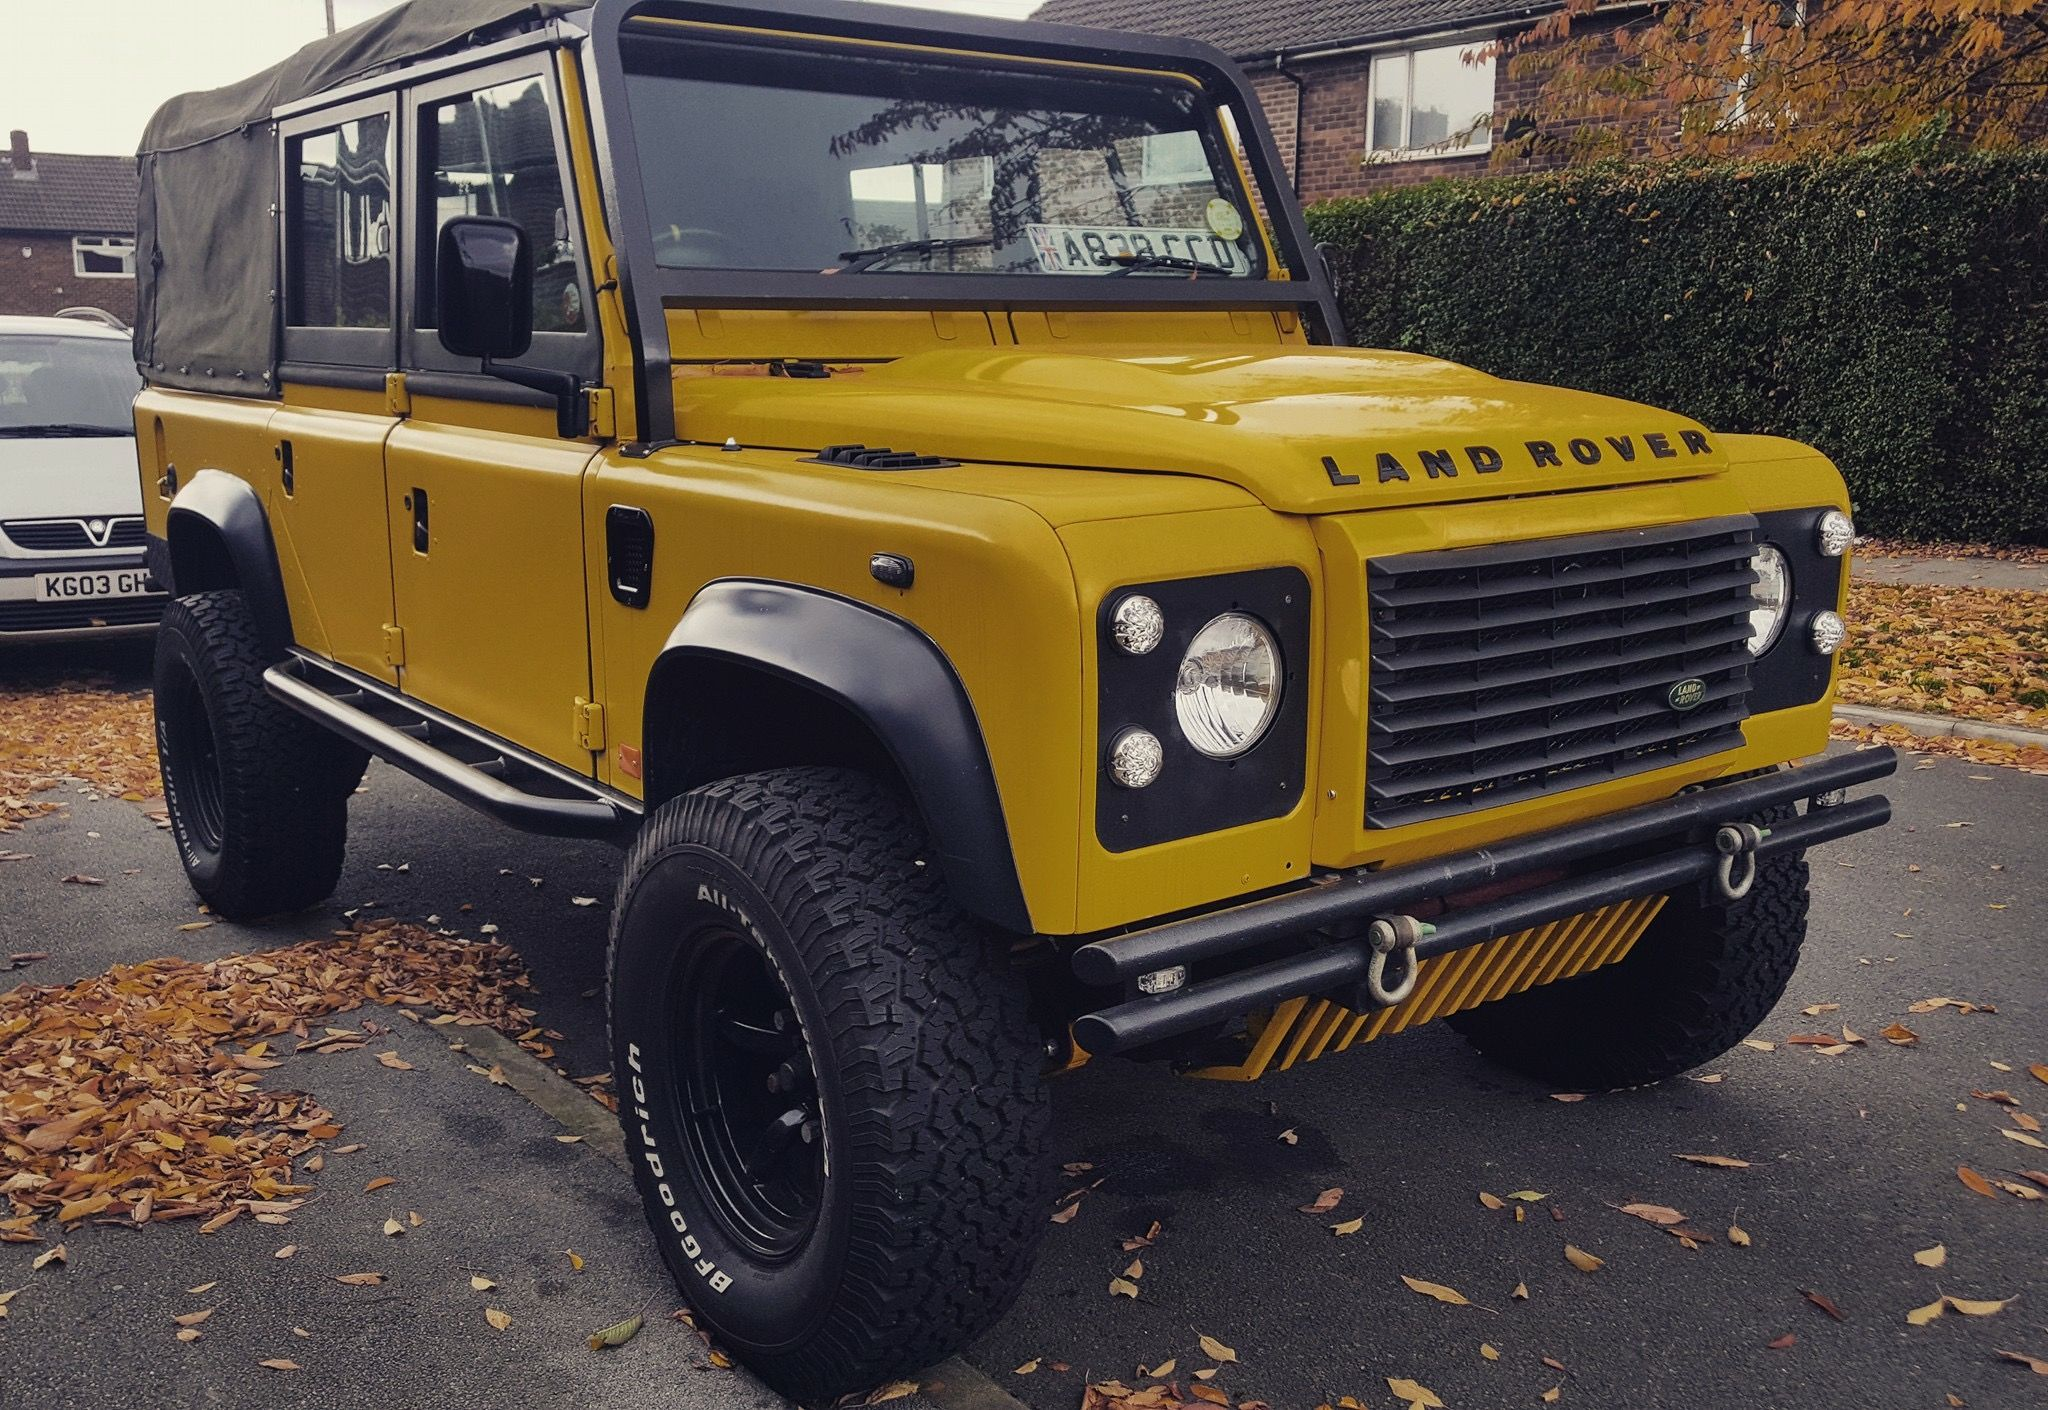 Land Rover Defender 110 Soft Top Land Rover Defender Land Rover